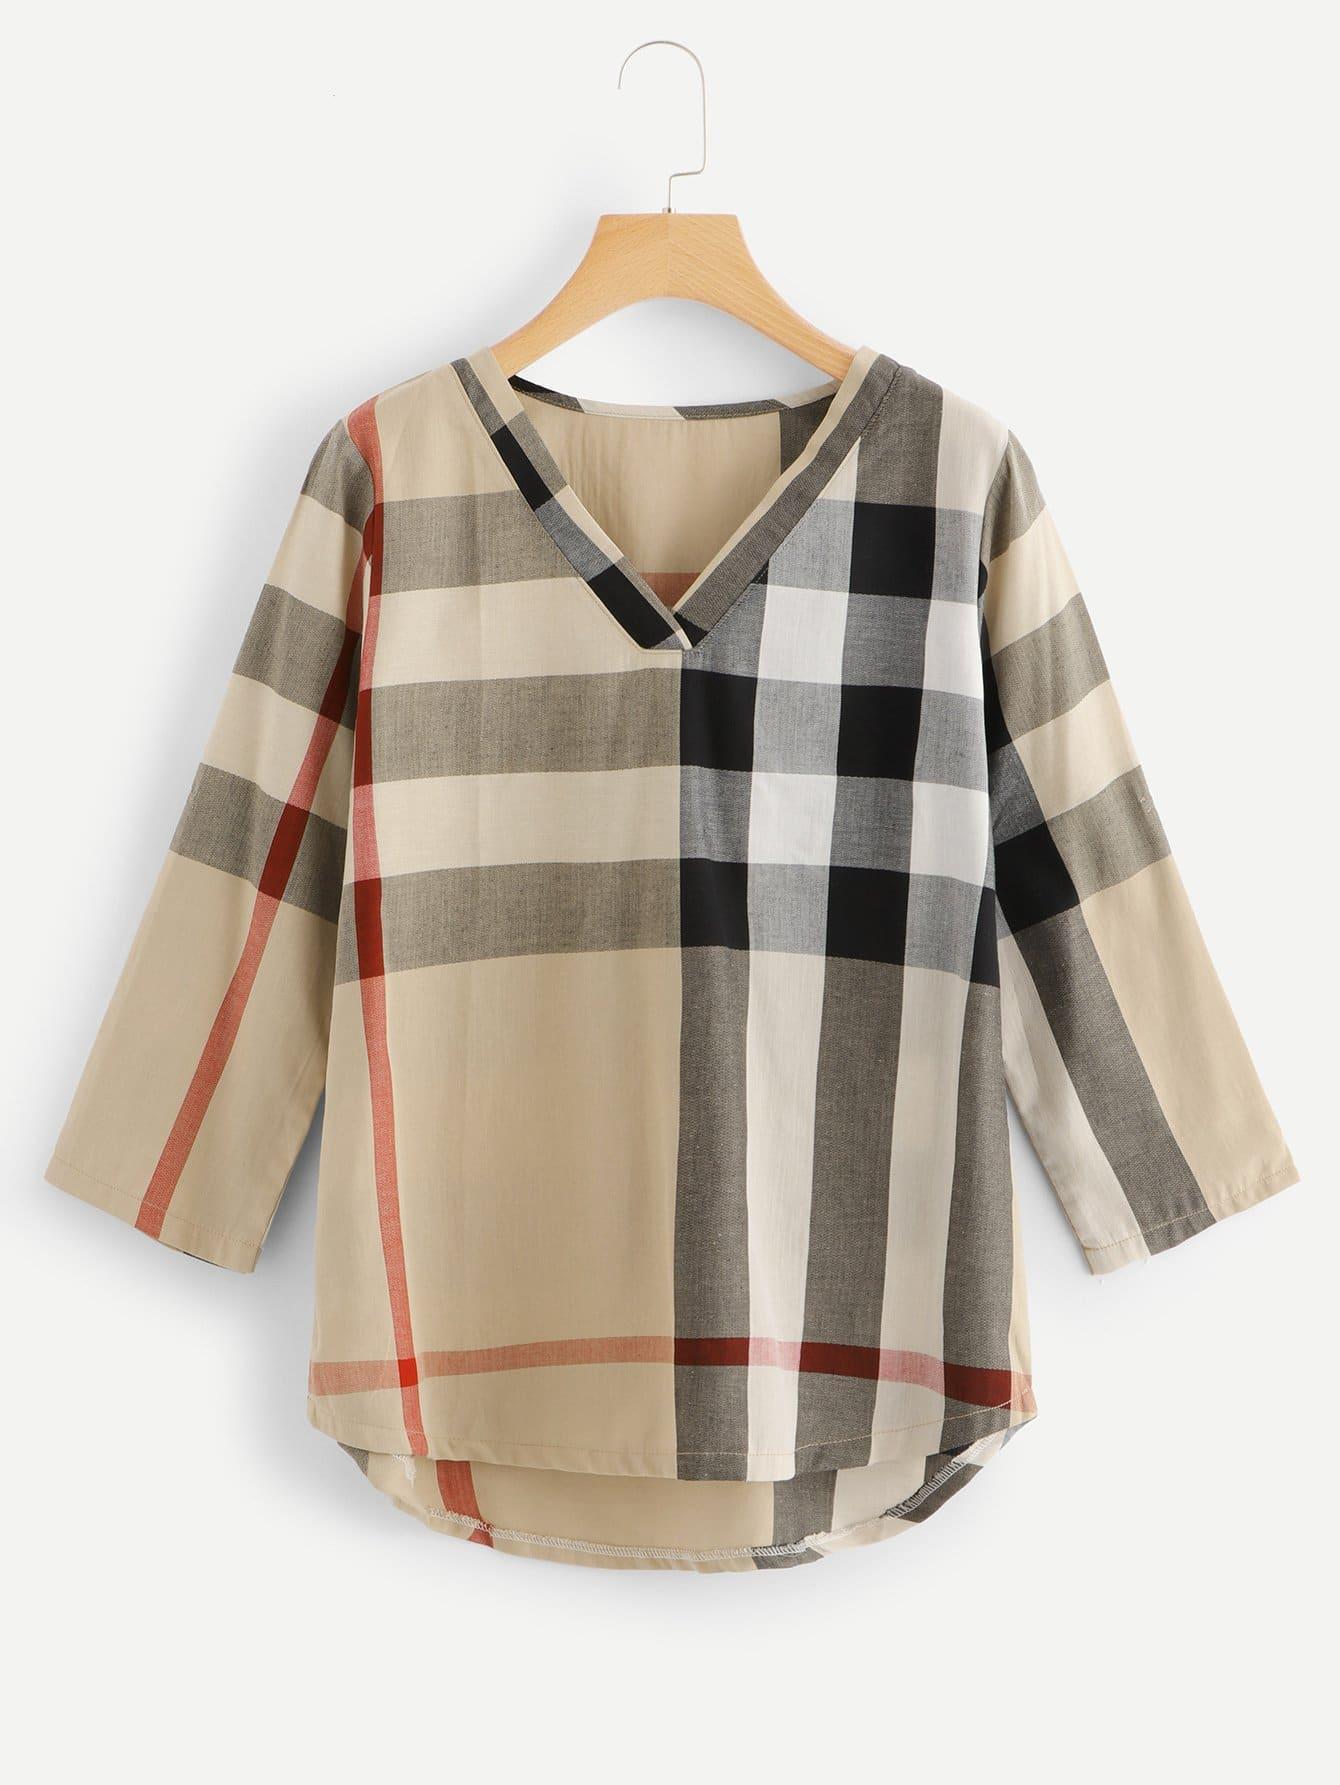 Купить Повседневный Клетчатый Асимметричный Многоцветный Блузы+рубашки, null, SheIn